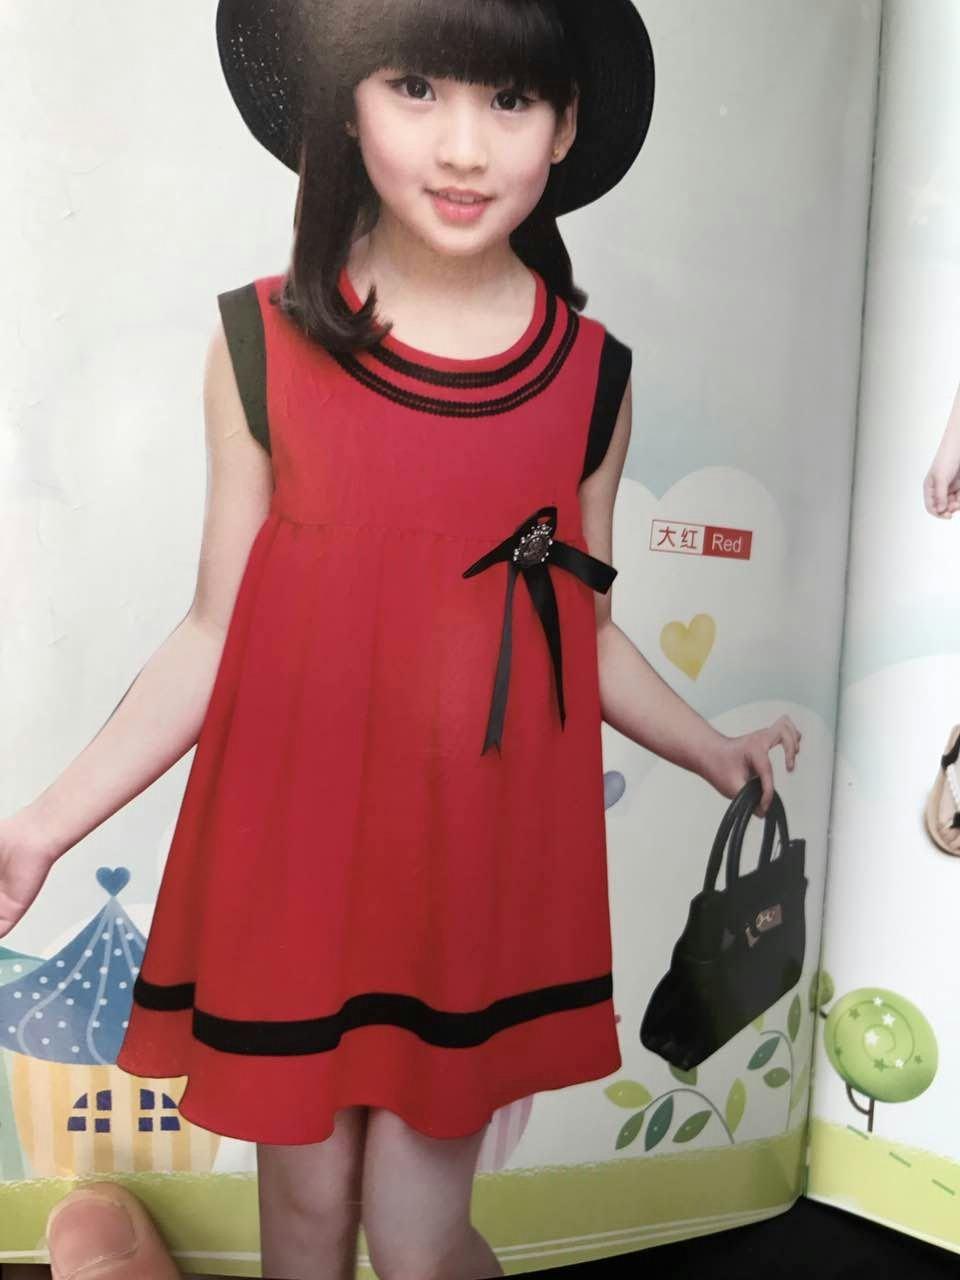 半橡皮童装 品牌折扣店货源 女童连衣裙批发走份 厂家直销 一手货源